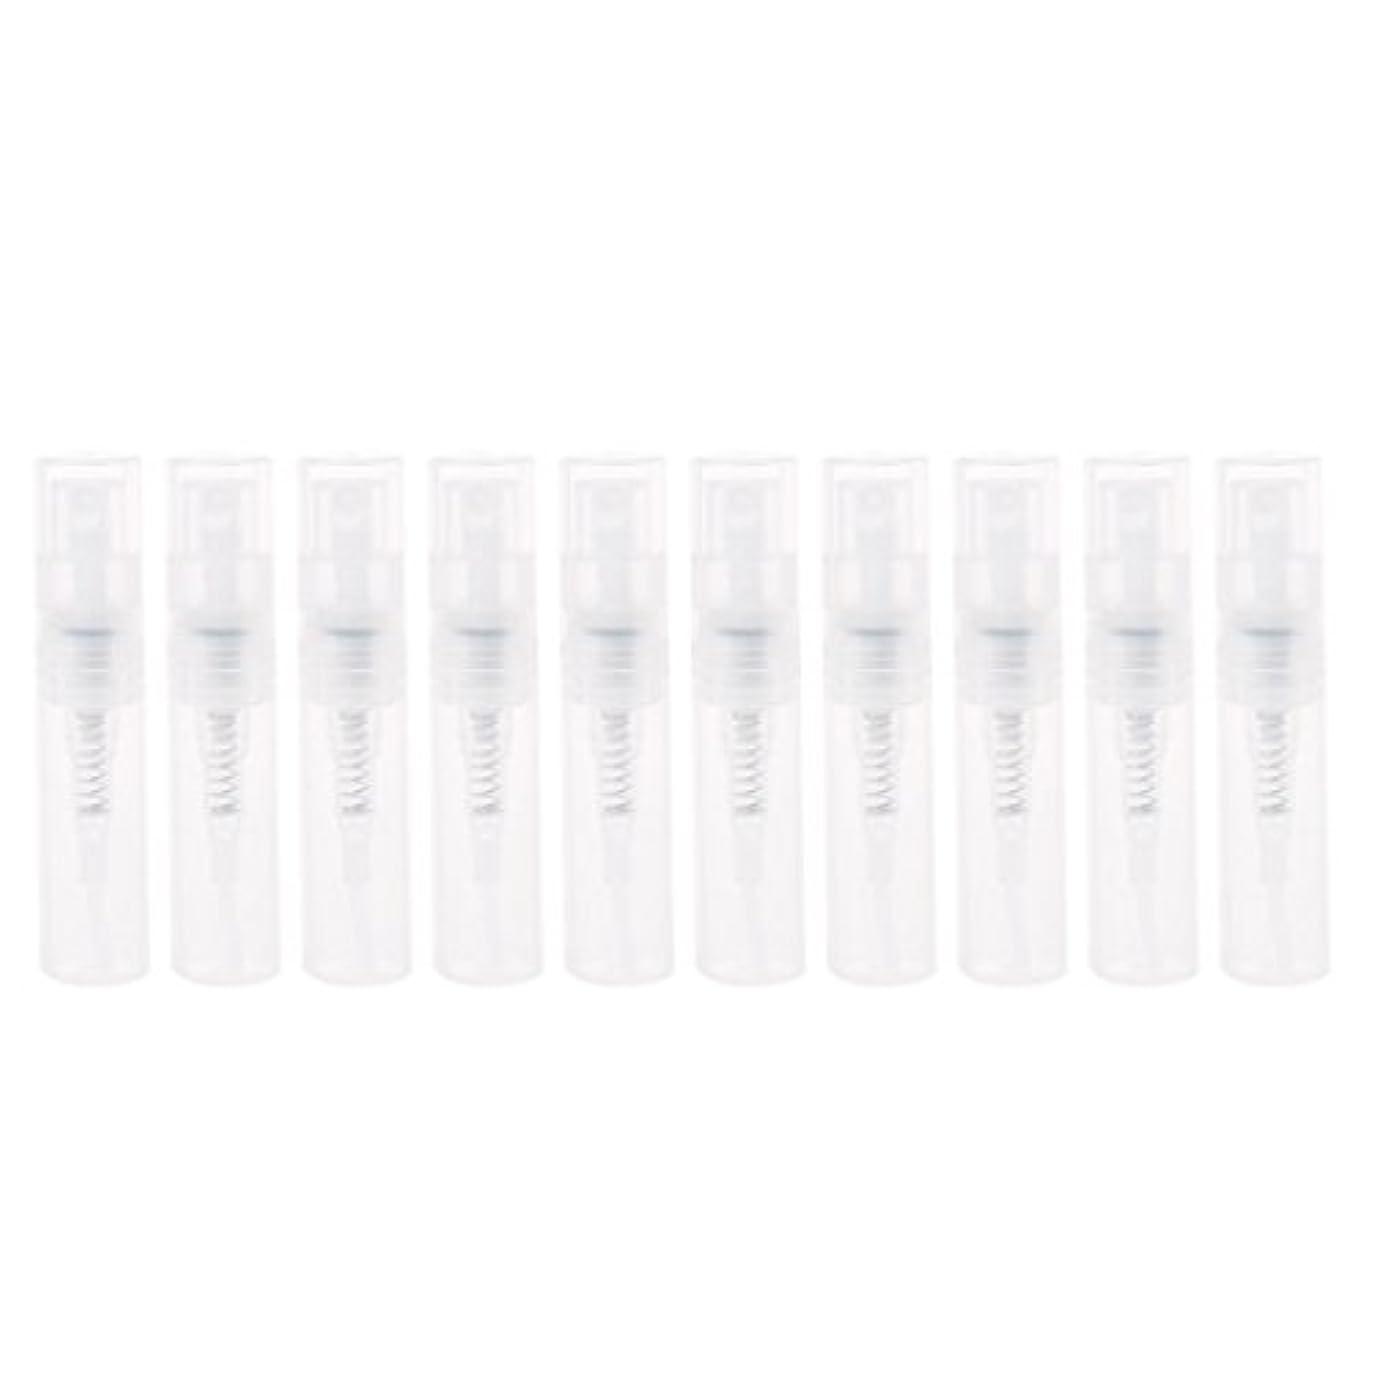 ジャム郵便屋さんスカウトDabixx 2ml小さいプラスチック香水スプレーの空のびんの化粧品の容器のスプレーボトル